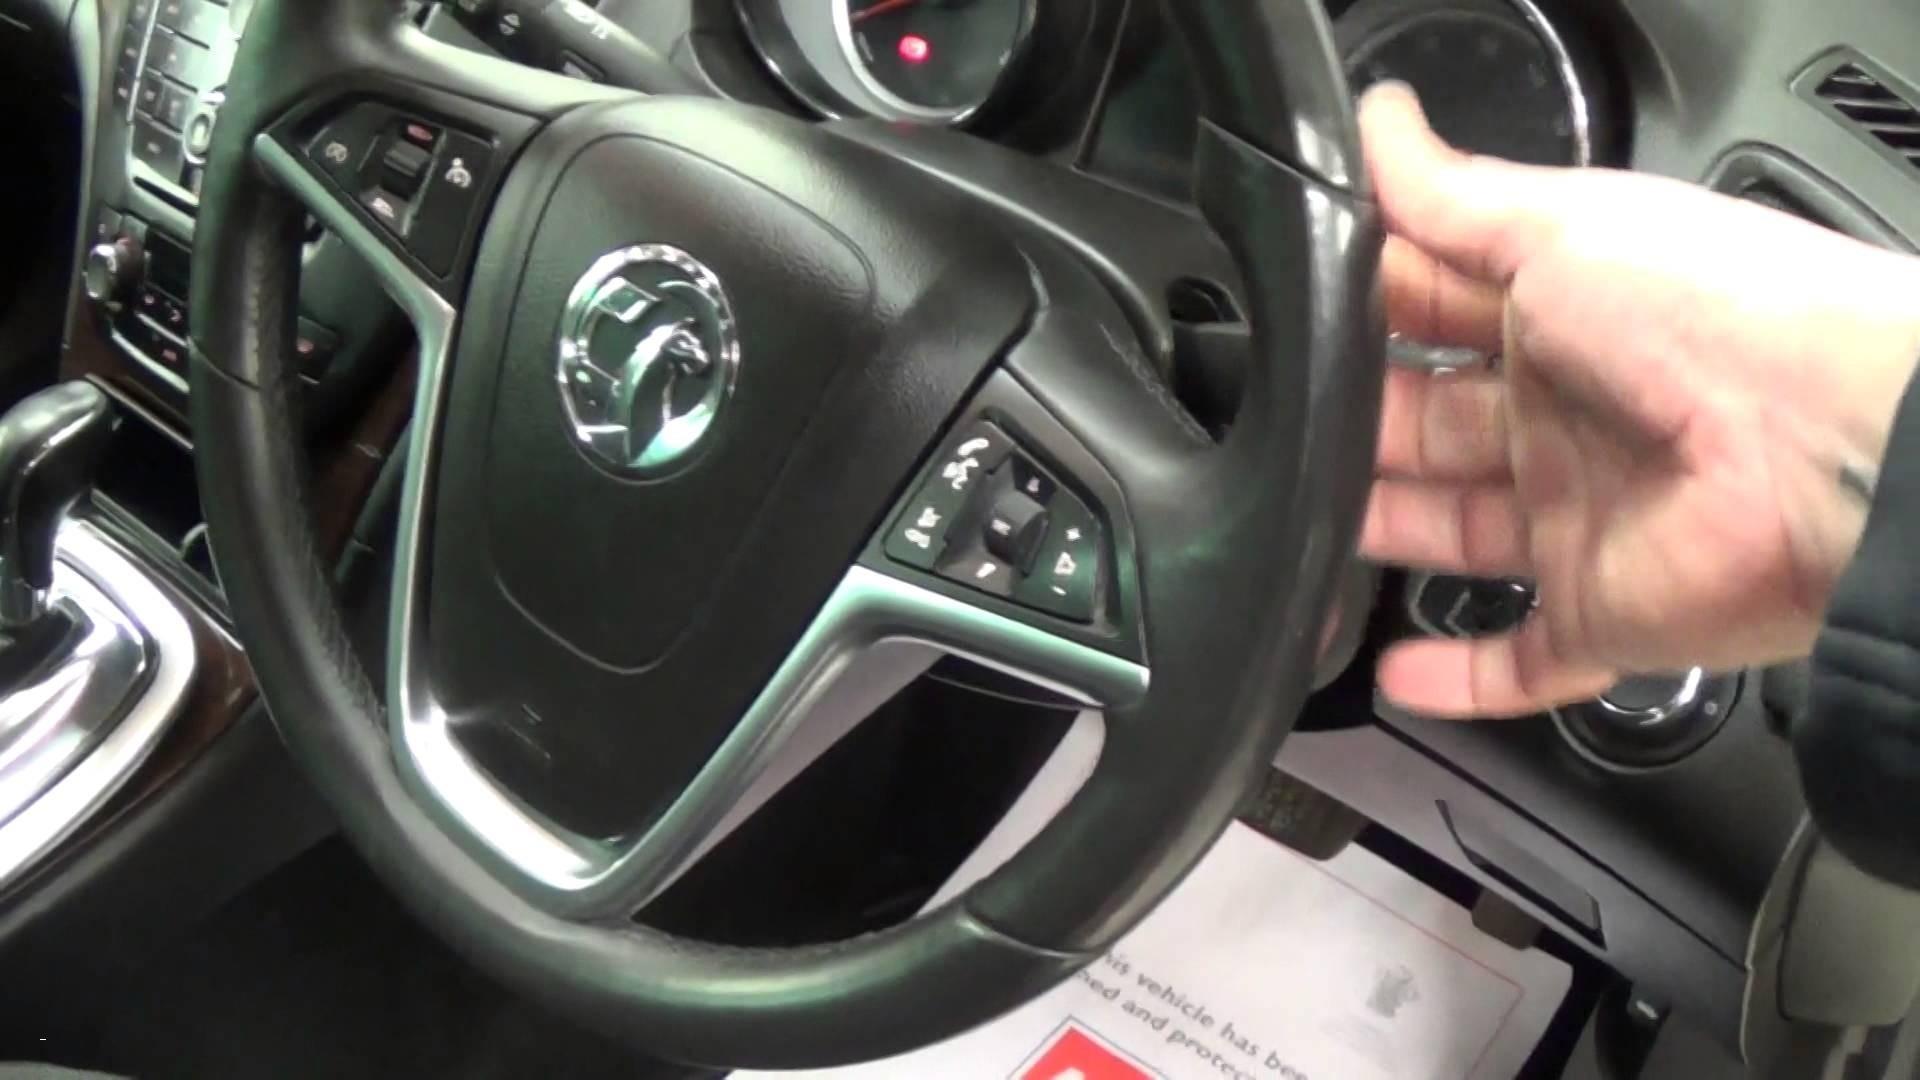 Diagram Of Car Lock Car Parts Beautiful Car Diagram Best Car Parts and Diagrams Insignia Of Diagram Of Car Lock